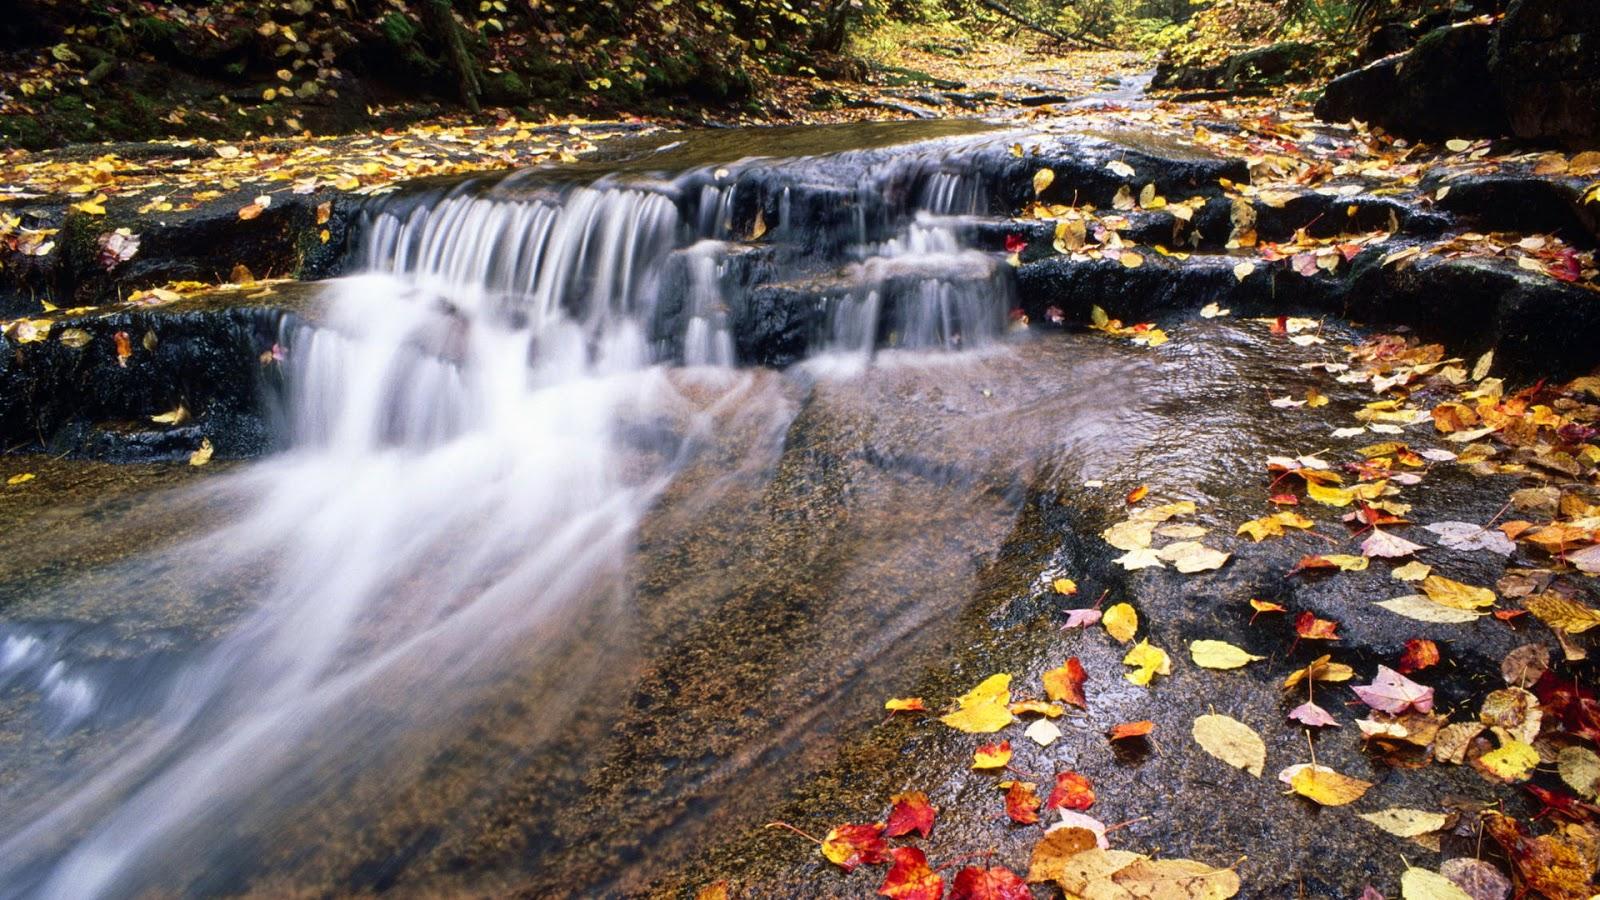 Herfst wallpaper met rivier met gekleurde bladeren